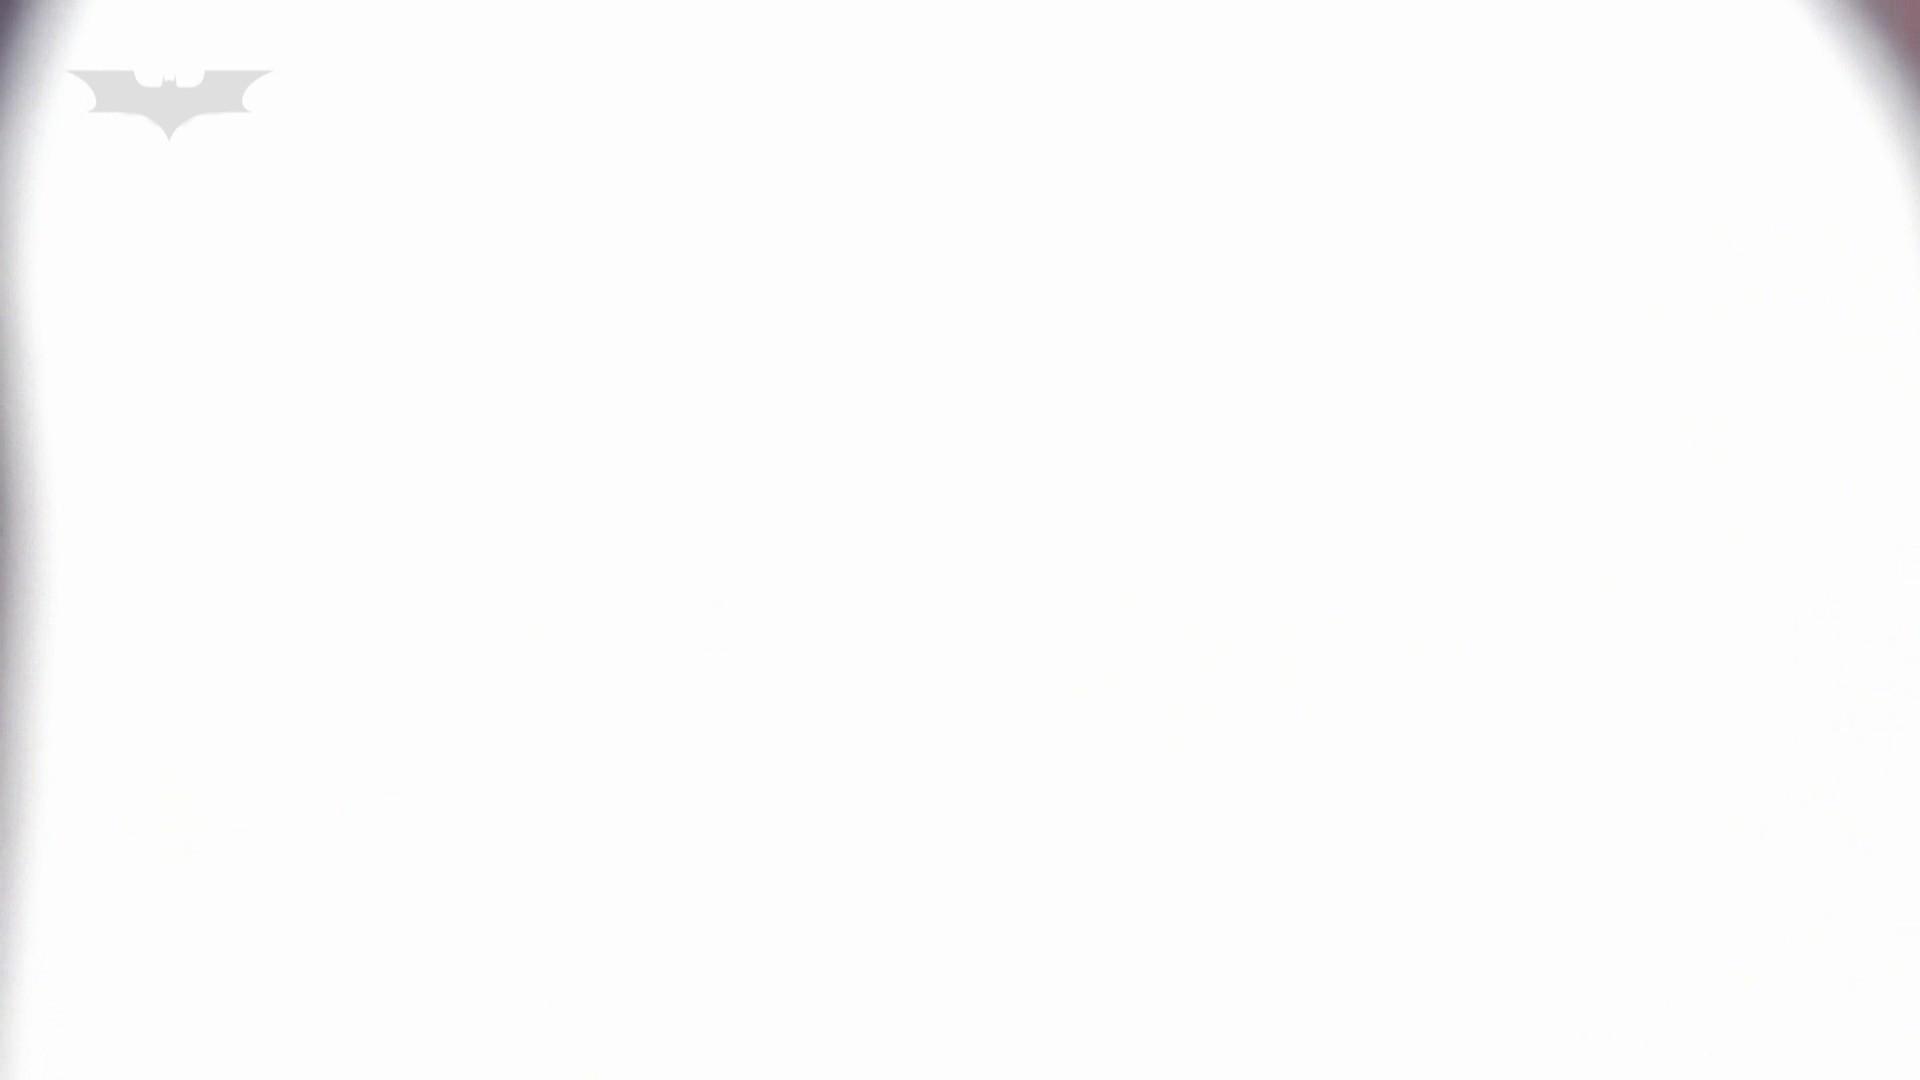 お銀 vol.70 女性の日特集!! タレント並みの美人 ヌード画像 99枚 38